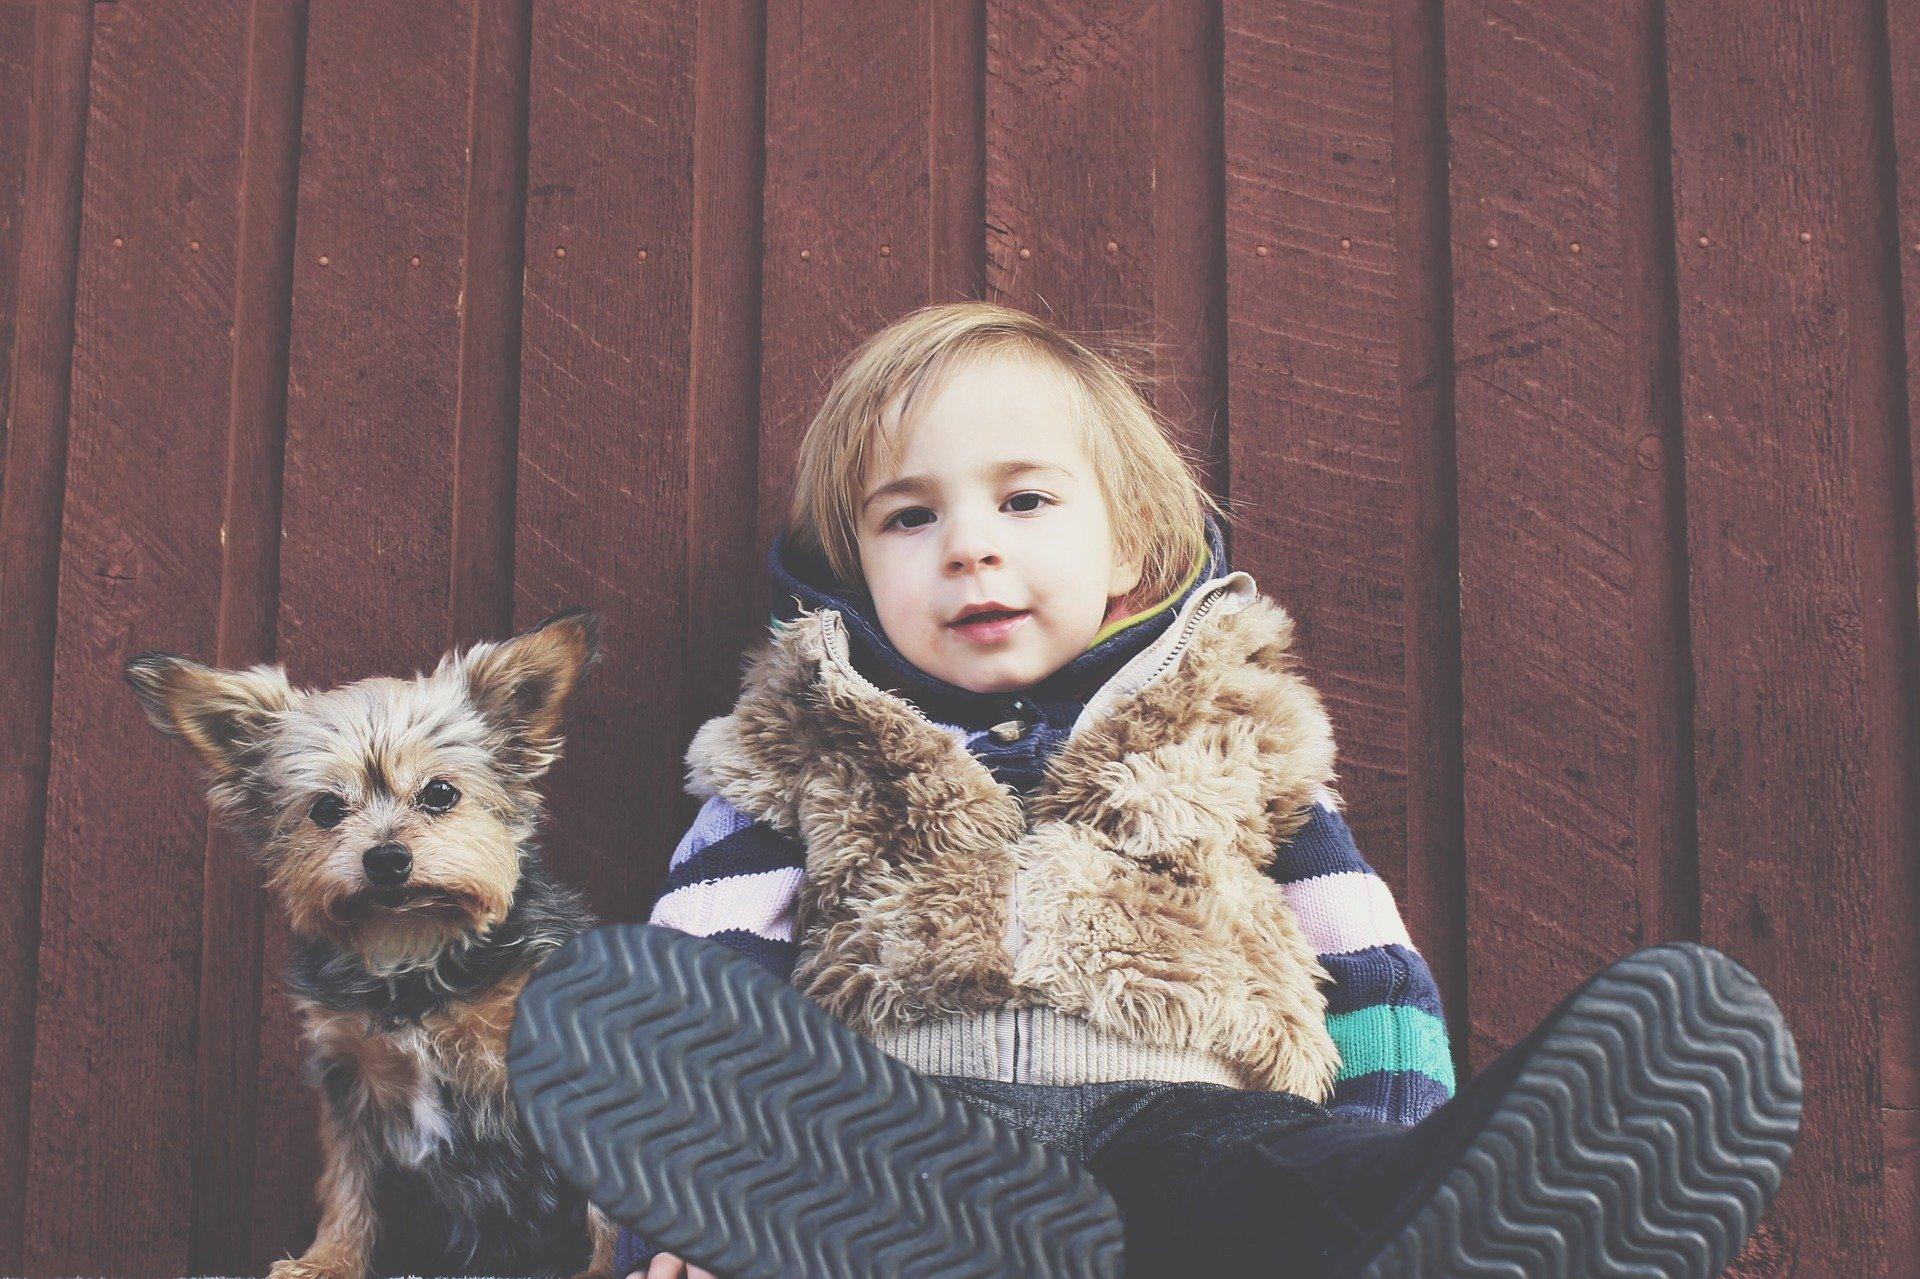 Pies z włosami może być przyczyną reakcji alergicznych, ponieważ nie tylko sierść uczula. Przyczyną uciążliwych objawów chorobowych mogą być złuszczone komórki naskórka, roztocza, pasożyty skórne, wydzieliny i wydaliny.